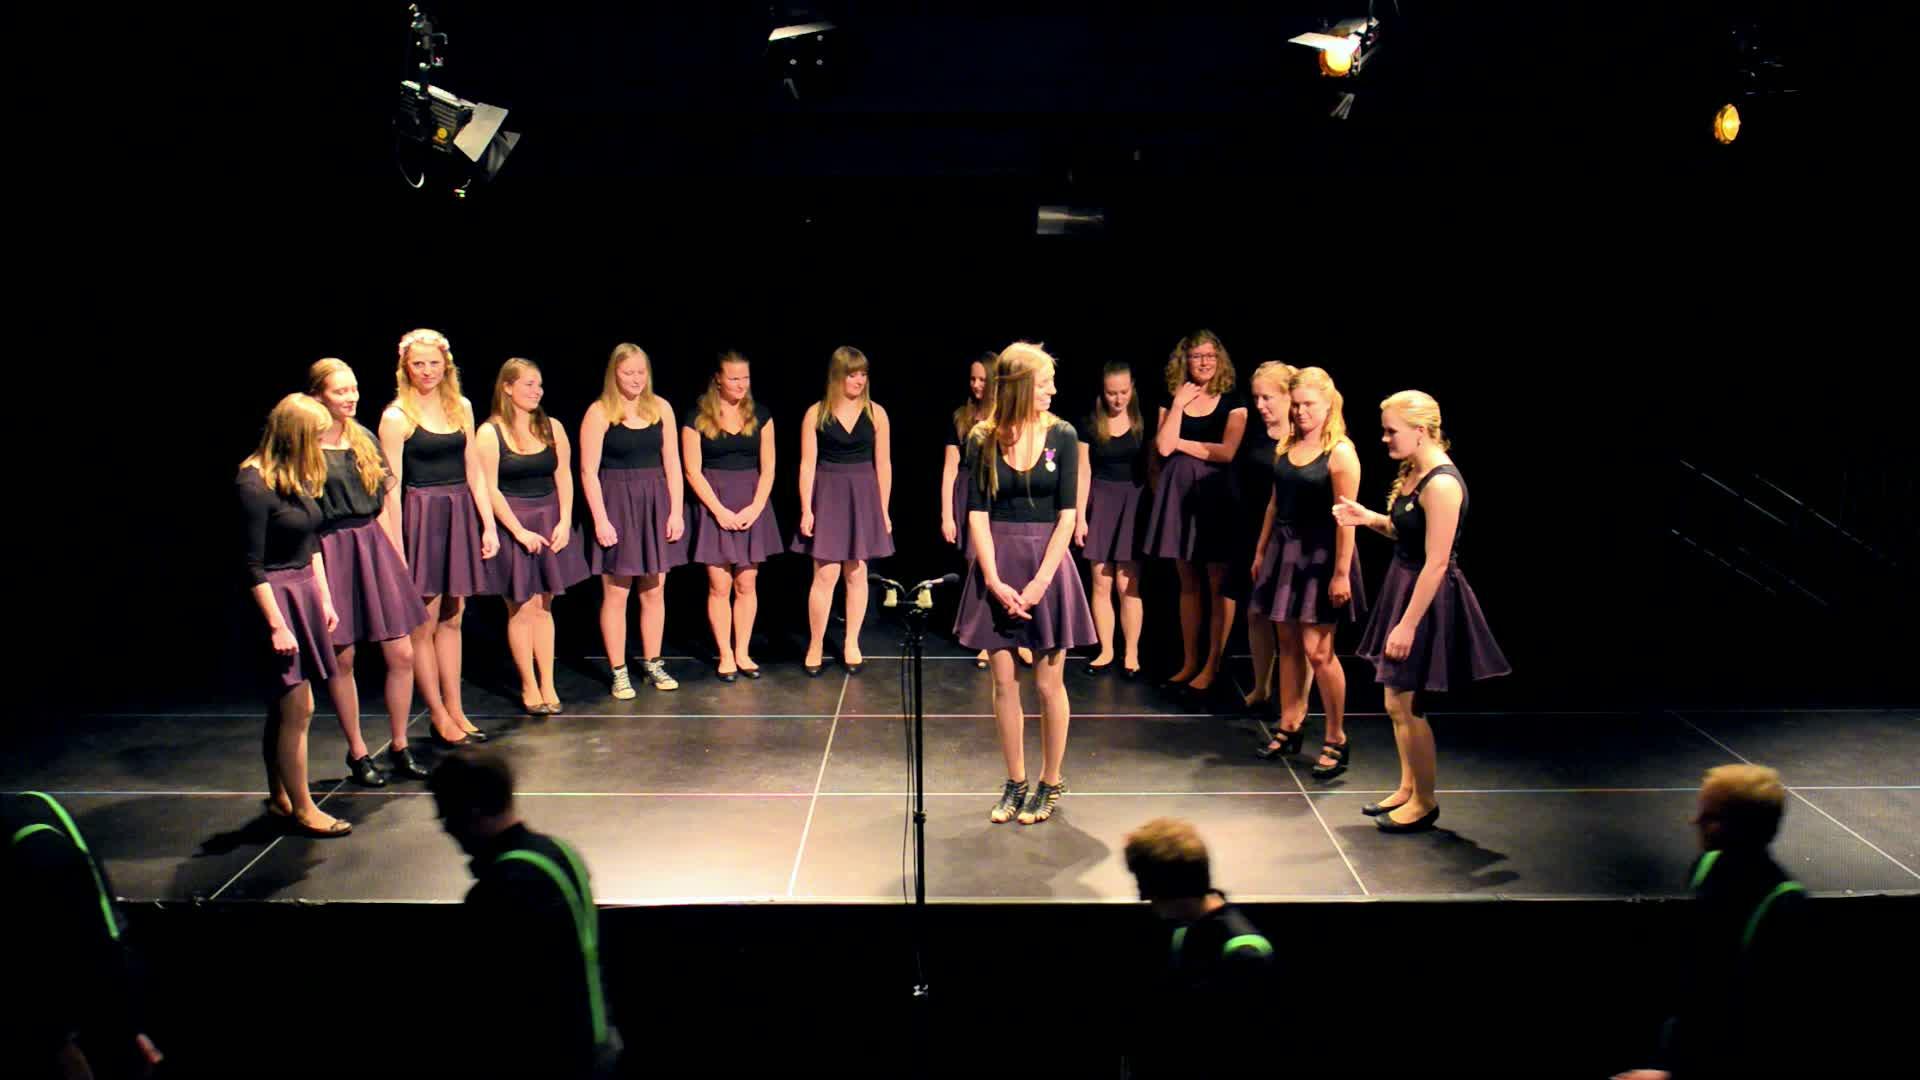 Korkonsert vår '14: Lollipop